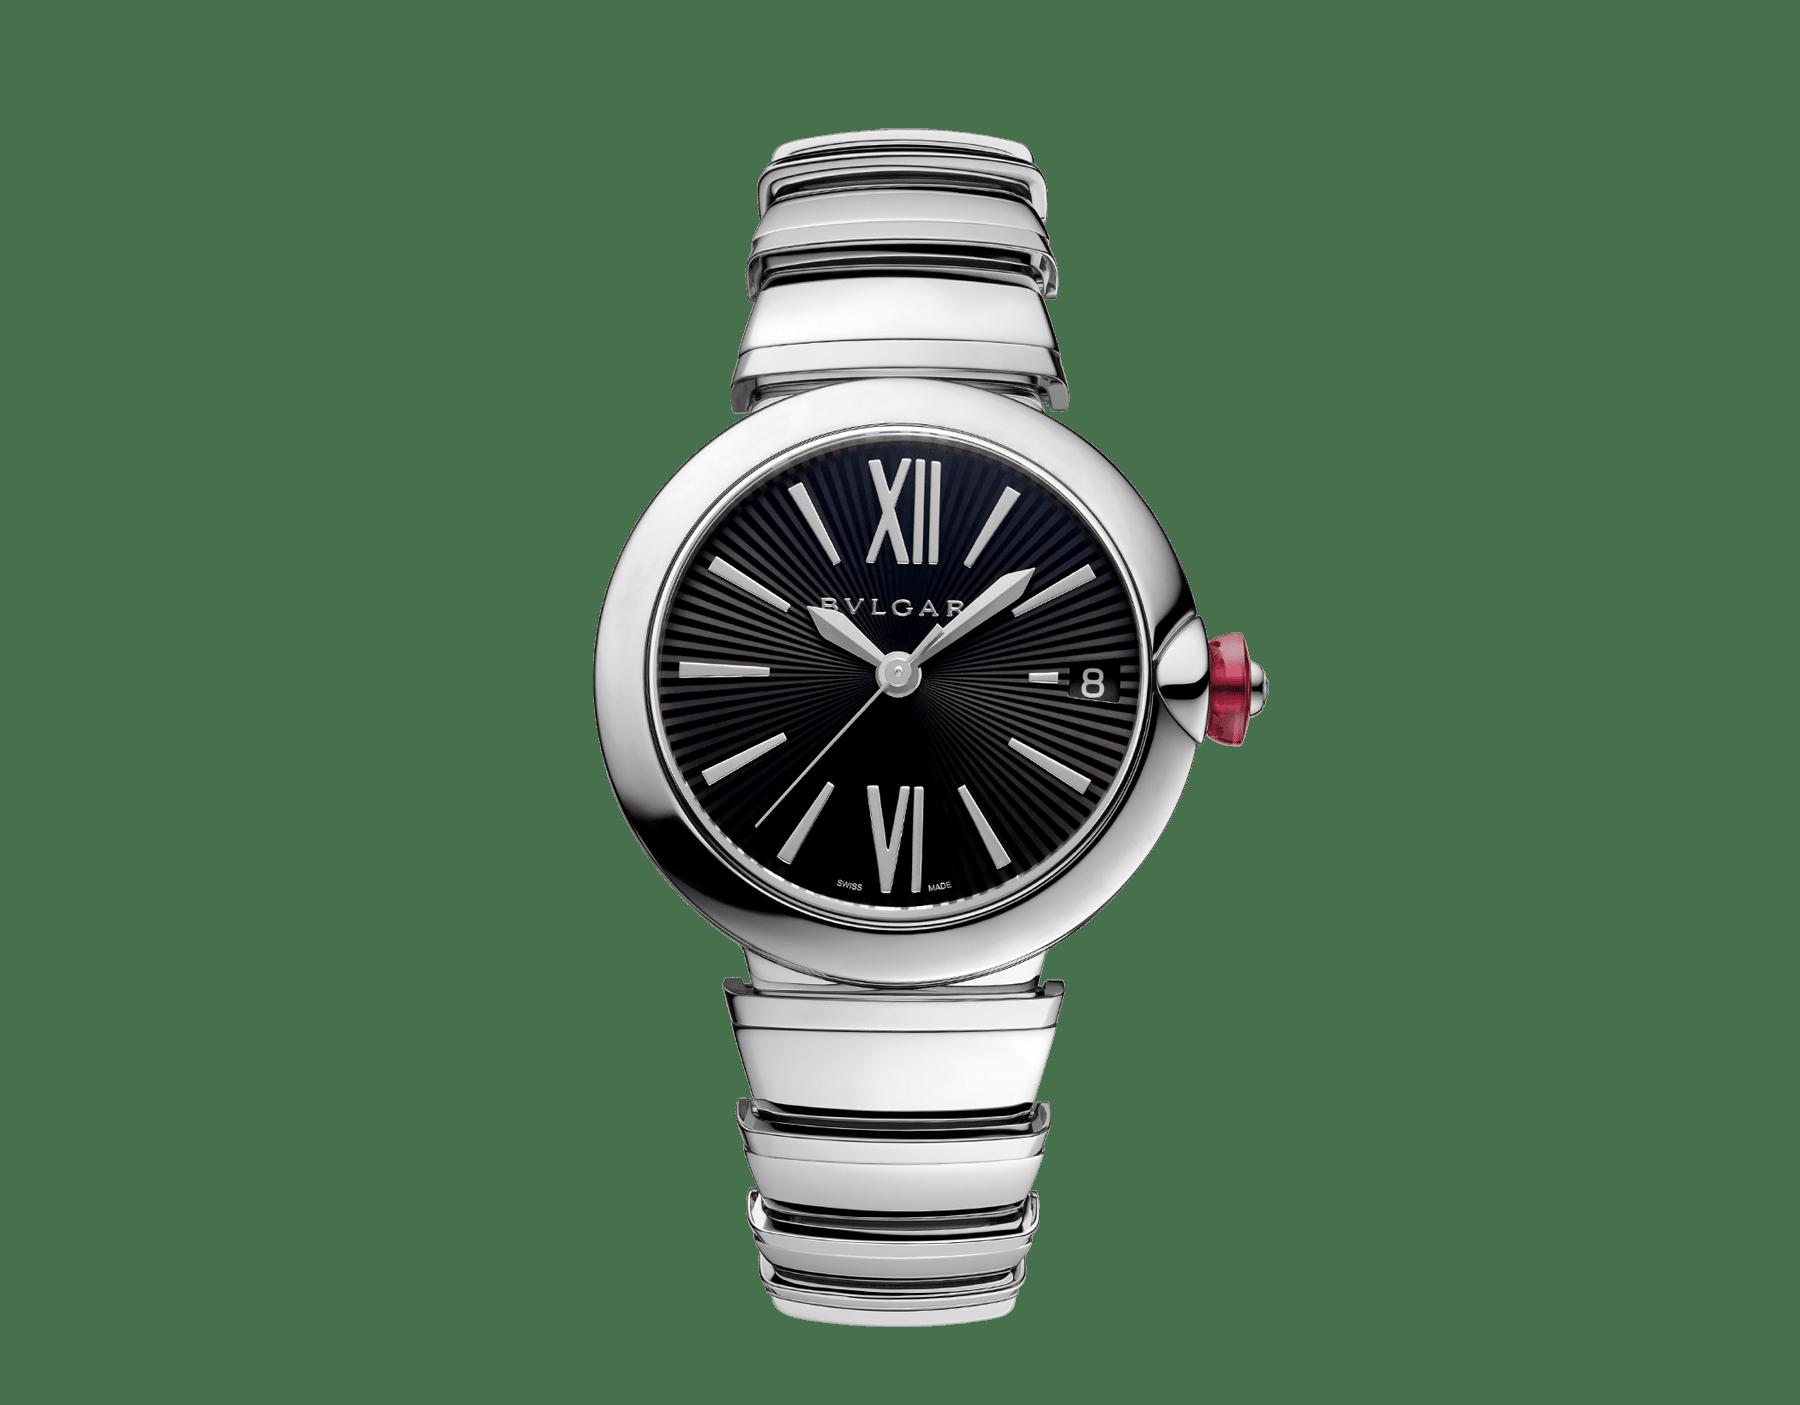 Reloj LVCEA con caja y brazalete en acero inoxidable y esfera negra. 102688 image 1